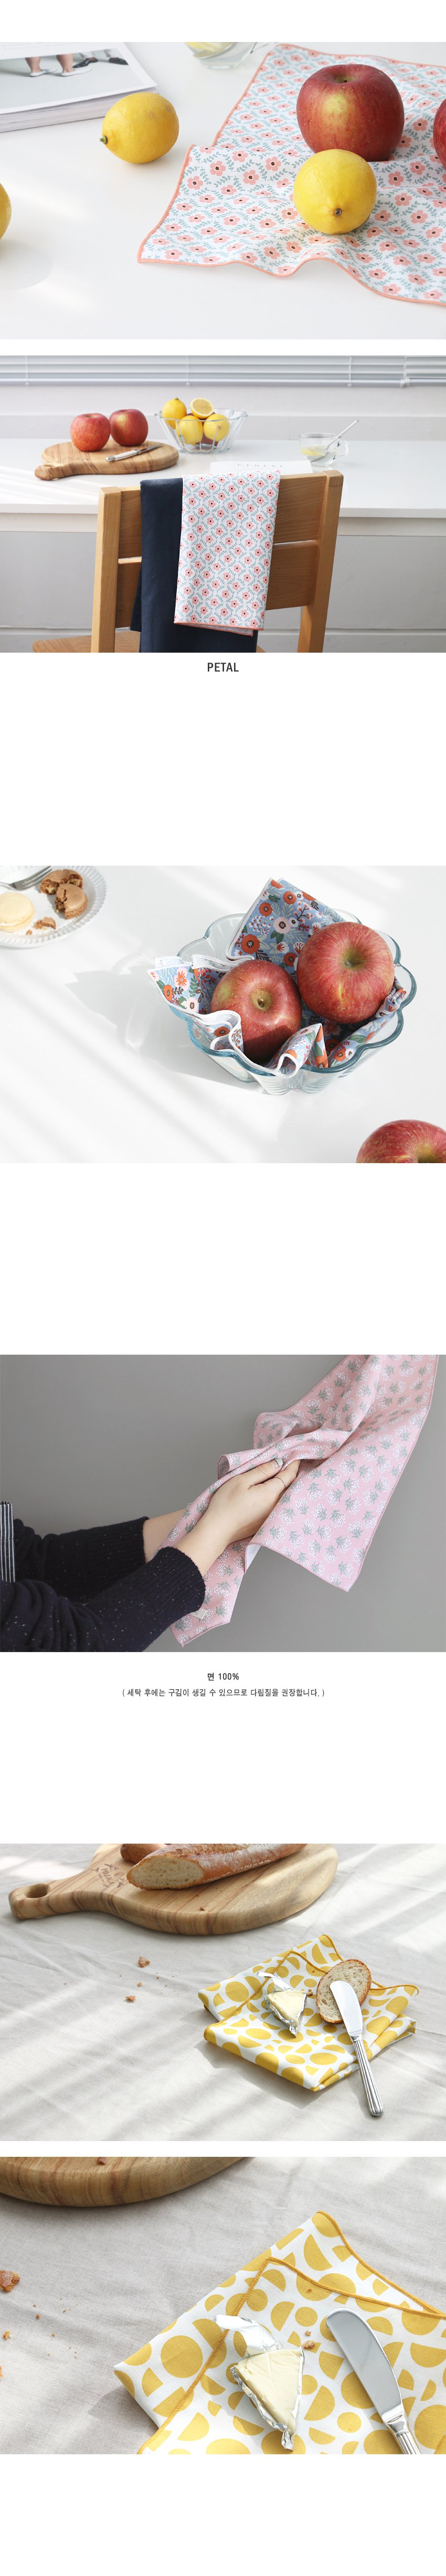 아이코닉 코멜리 행키6,800원-아이코닉패션잡화, 패션소품, 넥타이/행커치프, 행커치프바보사랑아이코닉 코멜리 행키6,800원-아이코닉패션잡화, 패션소품, 넥타이/행커치프, 행커치프바보사랑